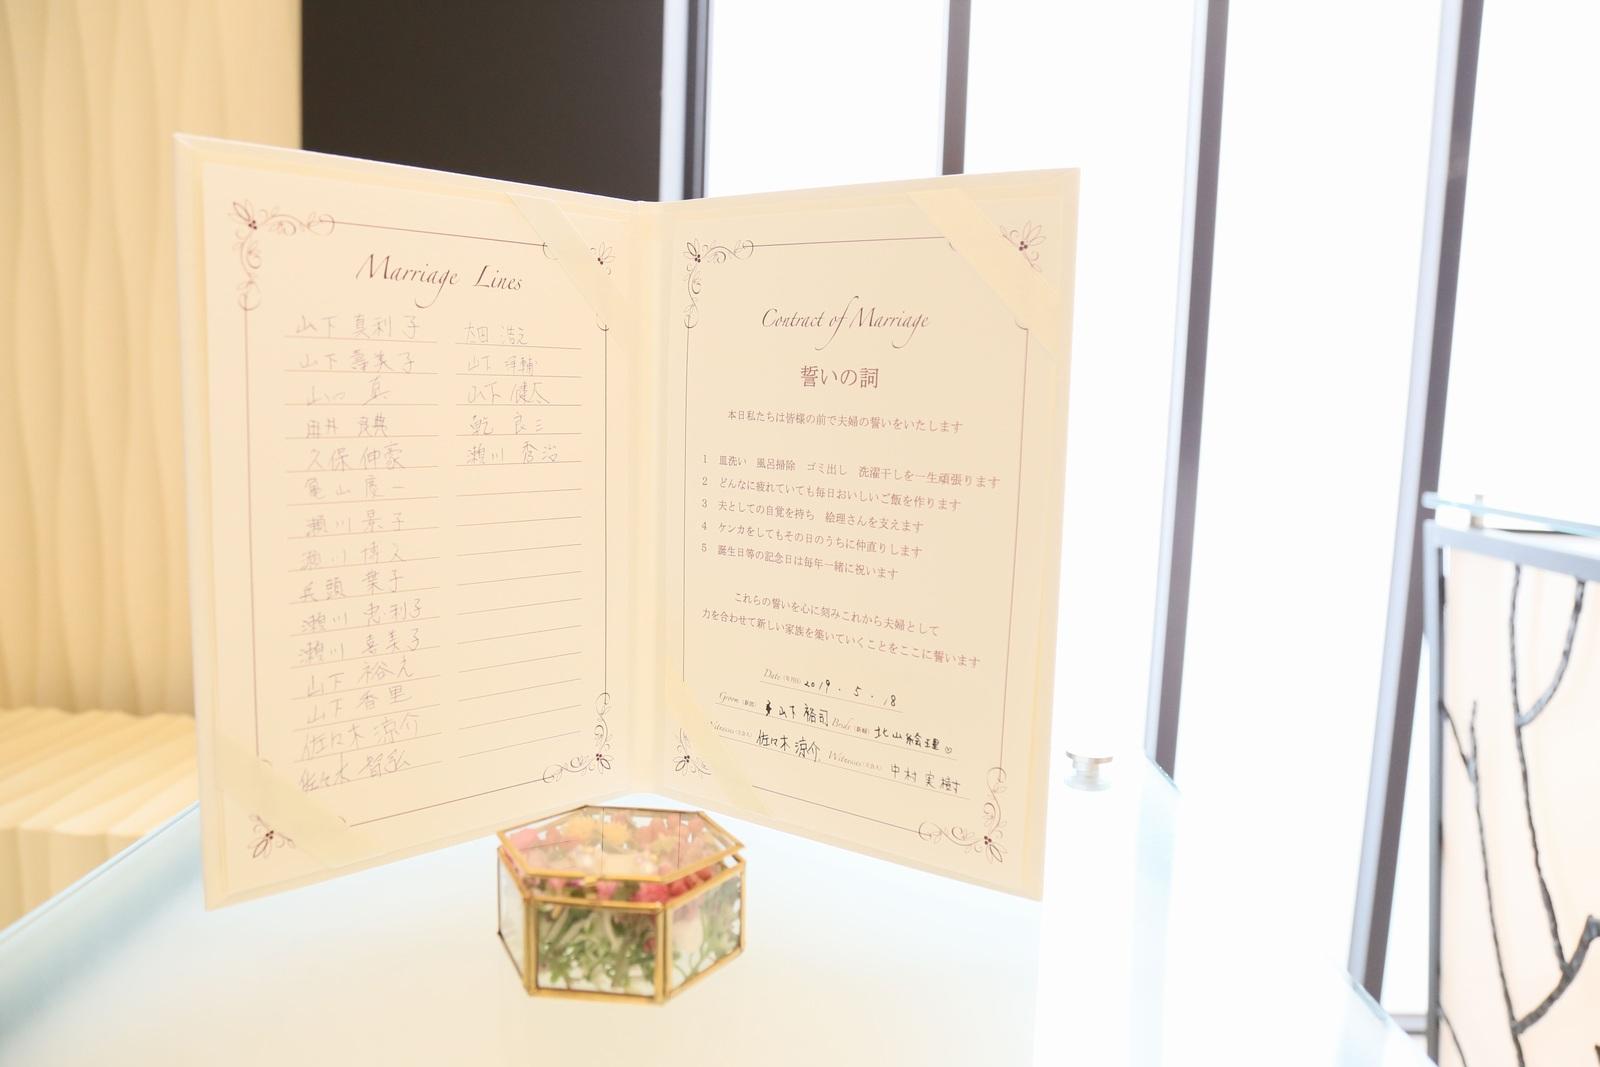 高松市の結婚式場アイルバレクラブの結婚式 結婚証明書に書かれているゲスト様皆様のサイン。